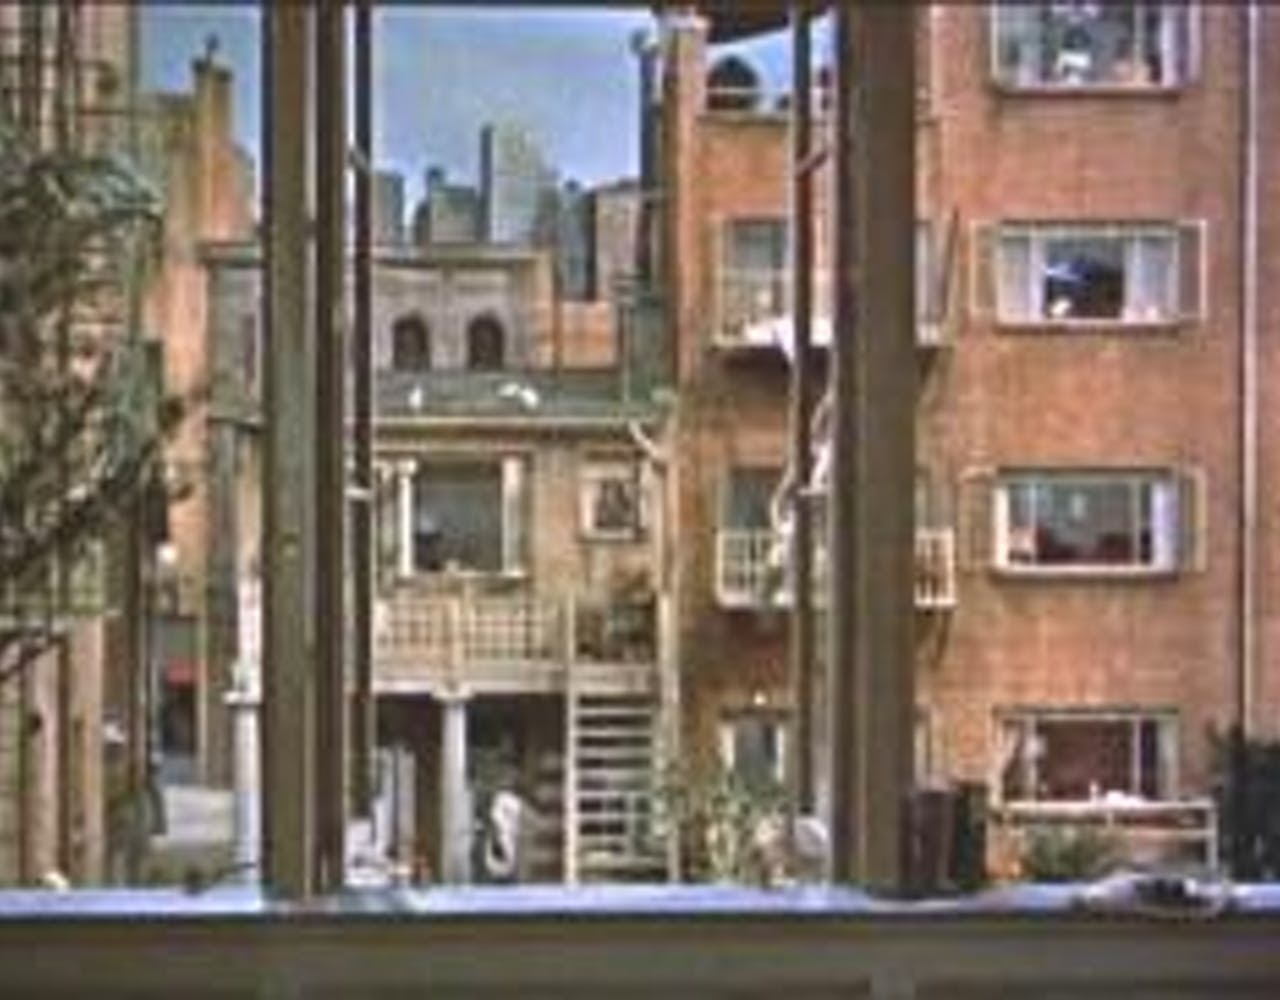 あらすじ 裏窓 映画【裏窓】あらすじと観た感想。オチ難解だけど覗きは楽しい│天衣無縫に映画をつづる